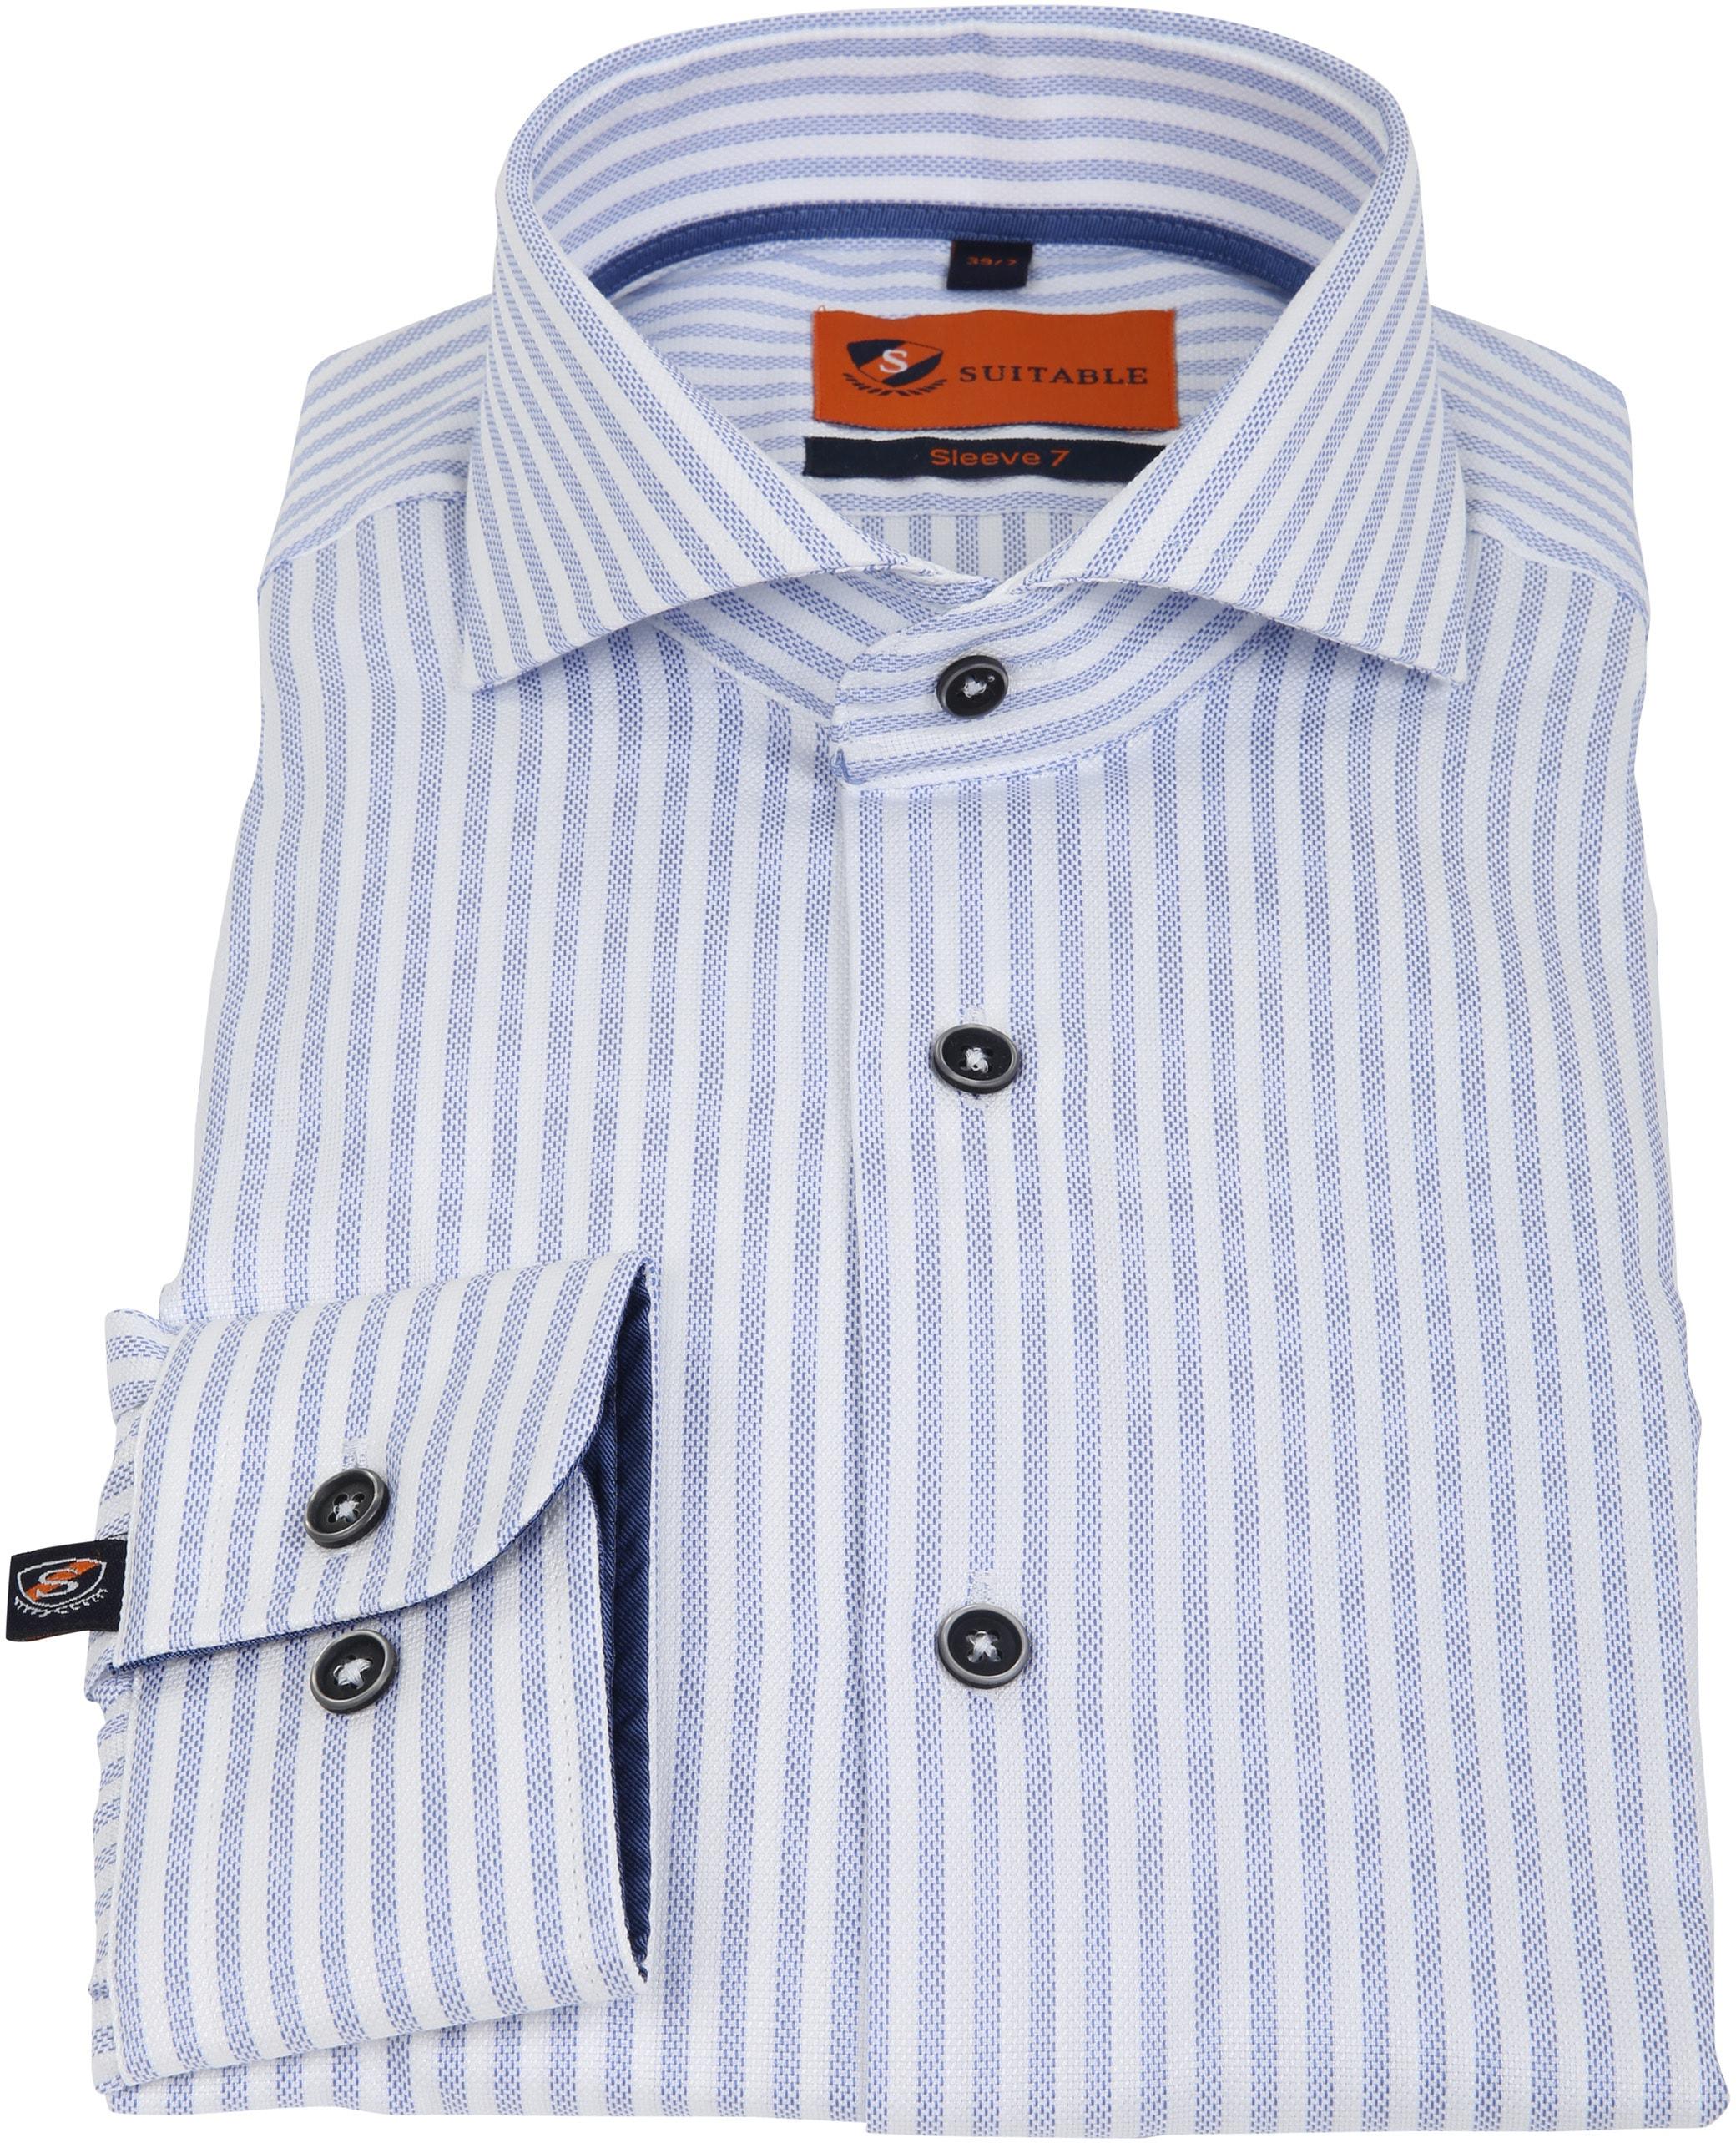 Suitable Overhemd SL7 Streep 180-3 foto 2